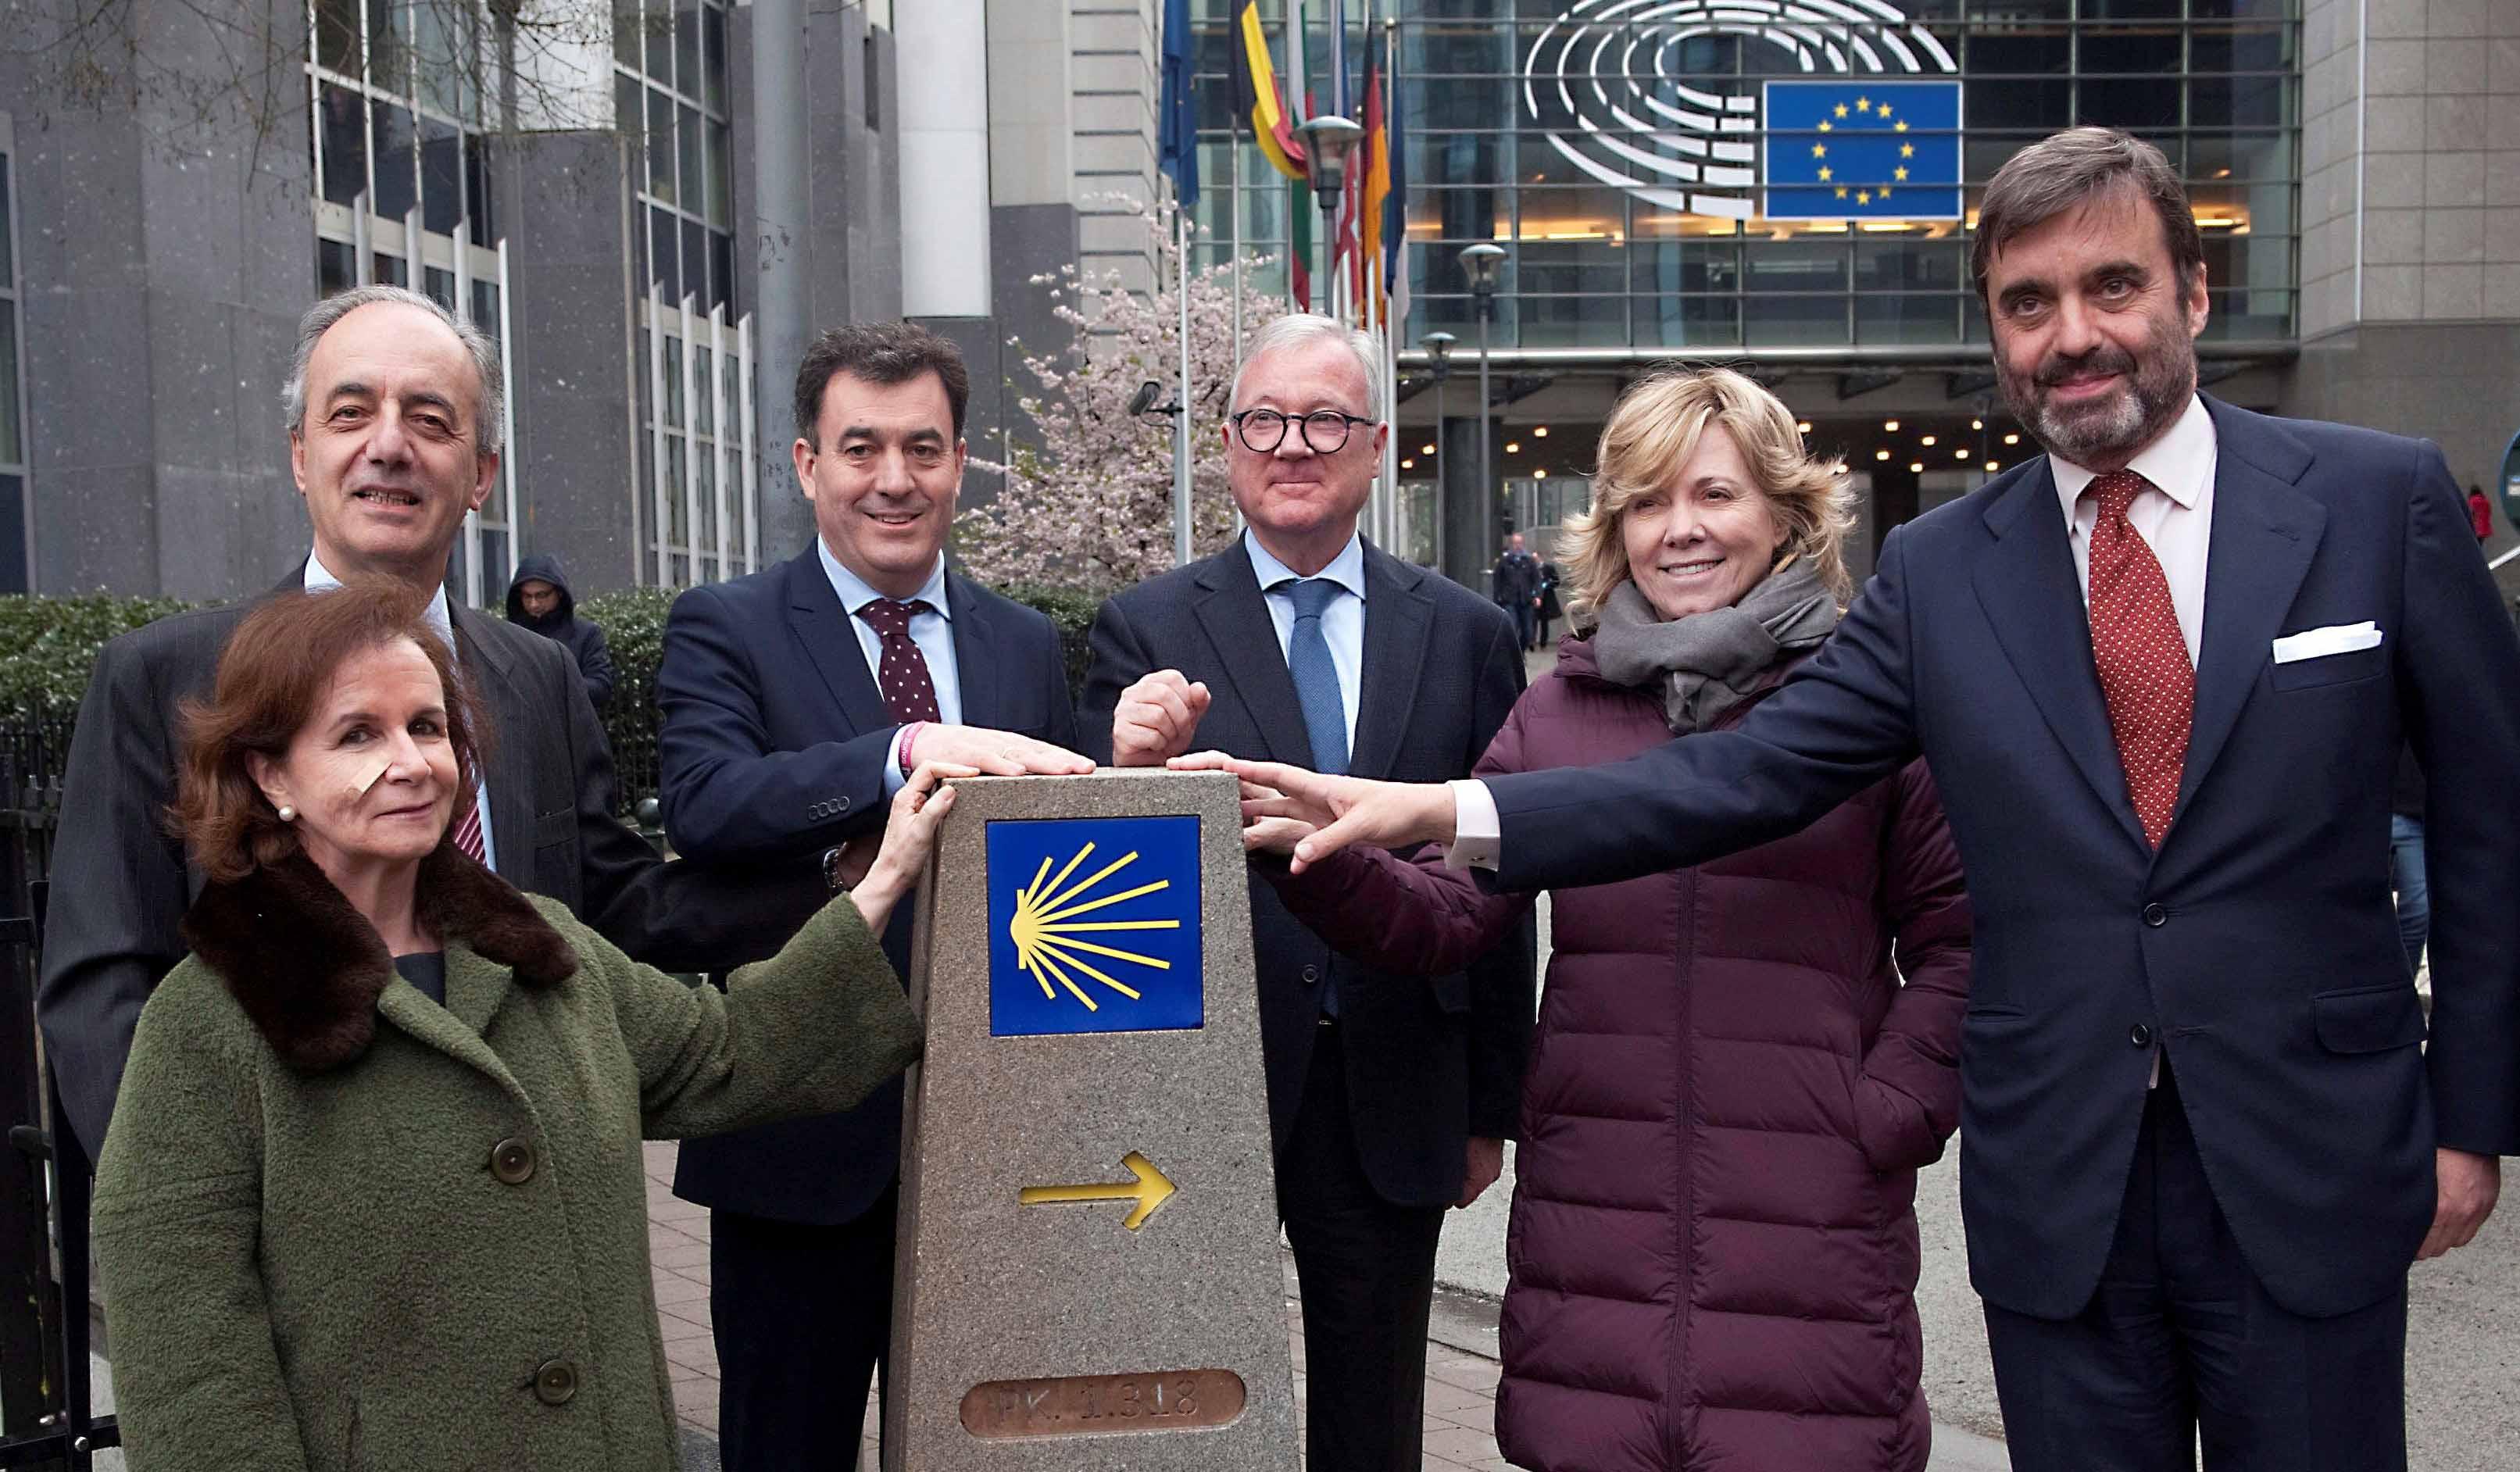 Descubrimento de monolito del Camino de Santiago en Bruselas